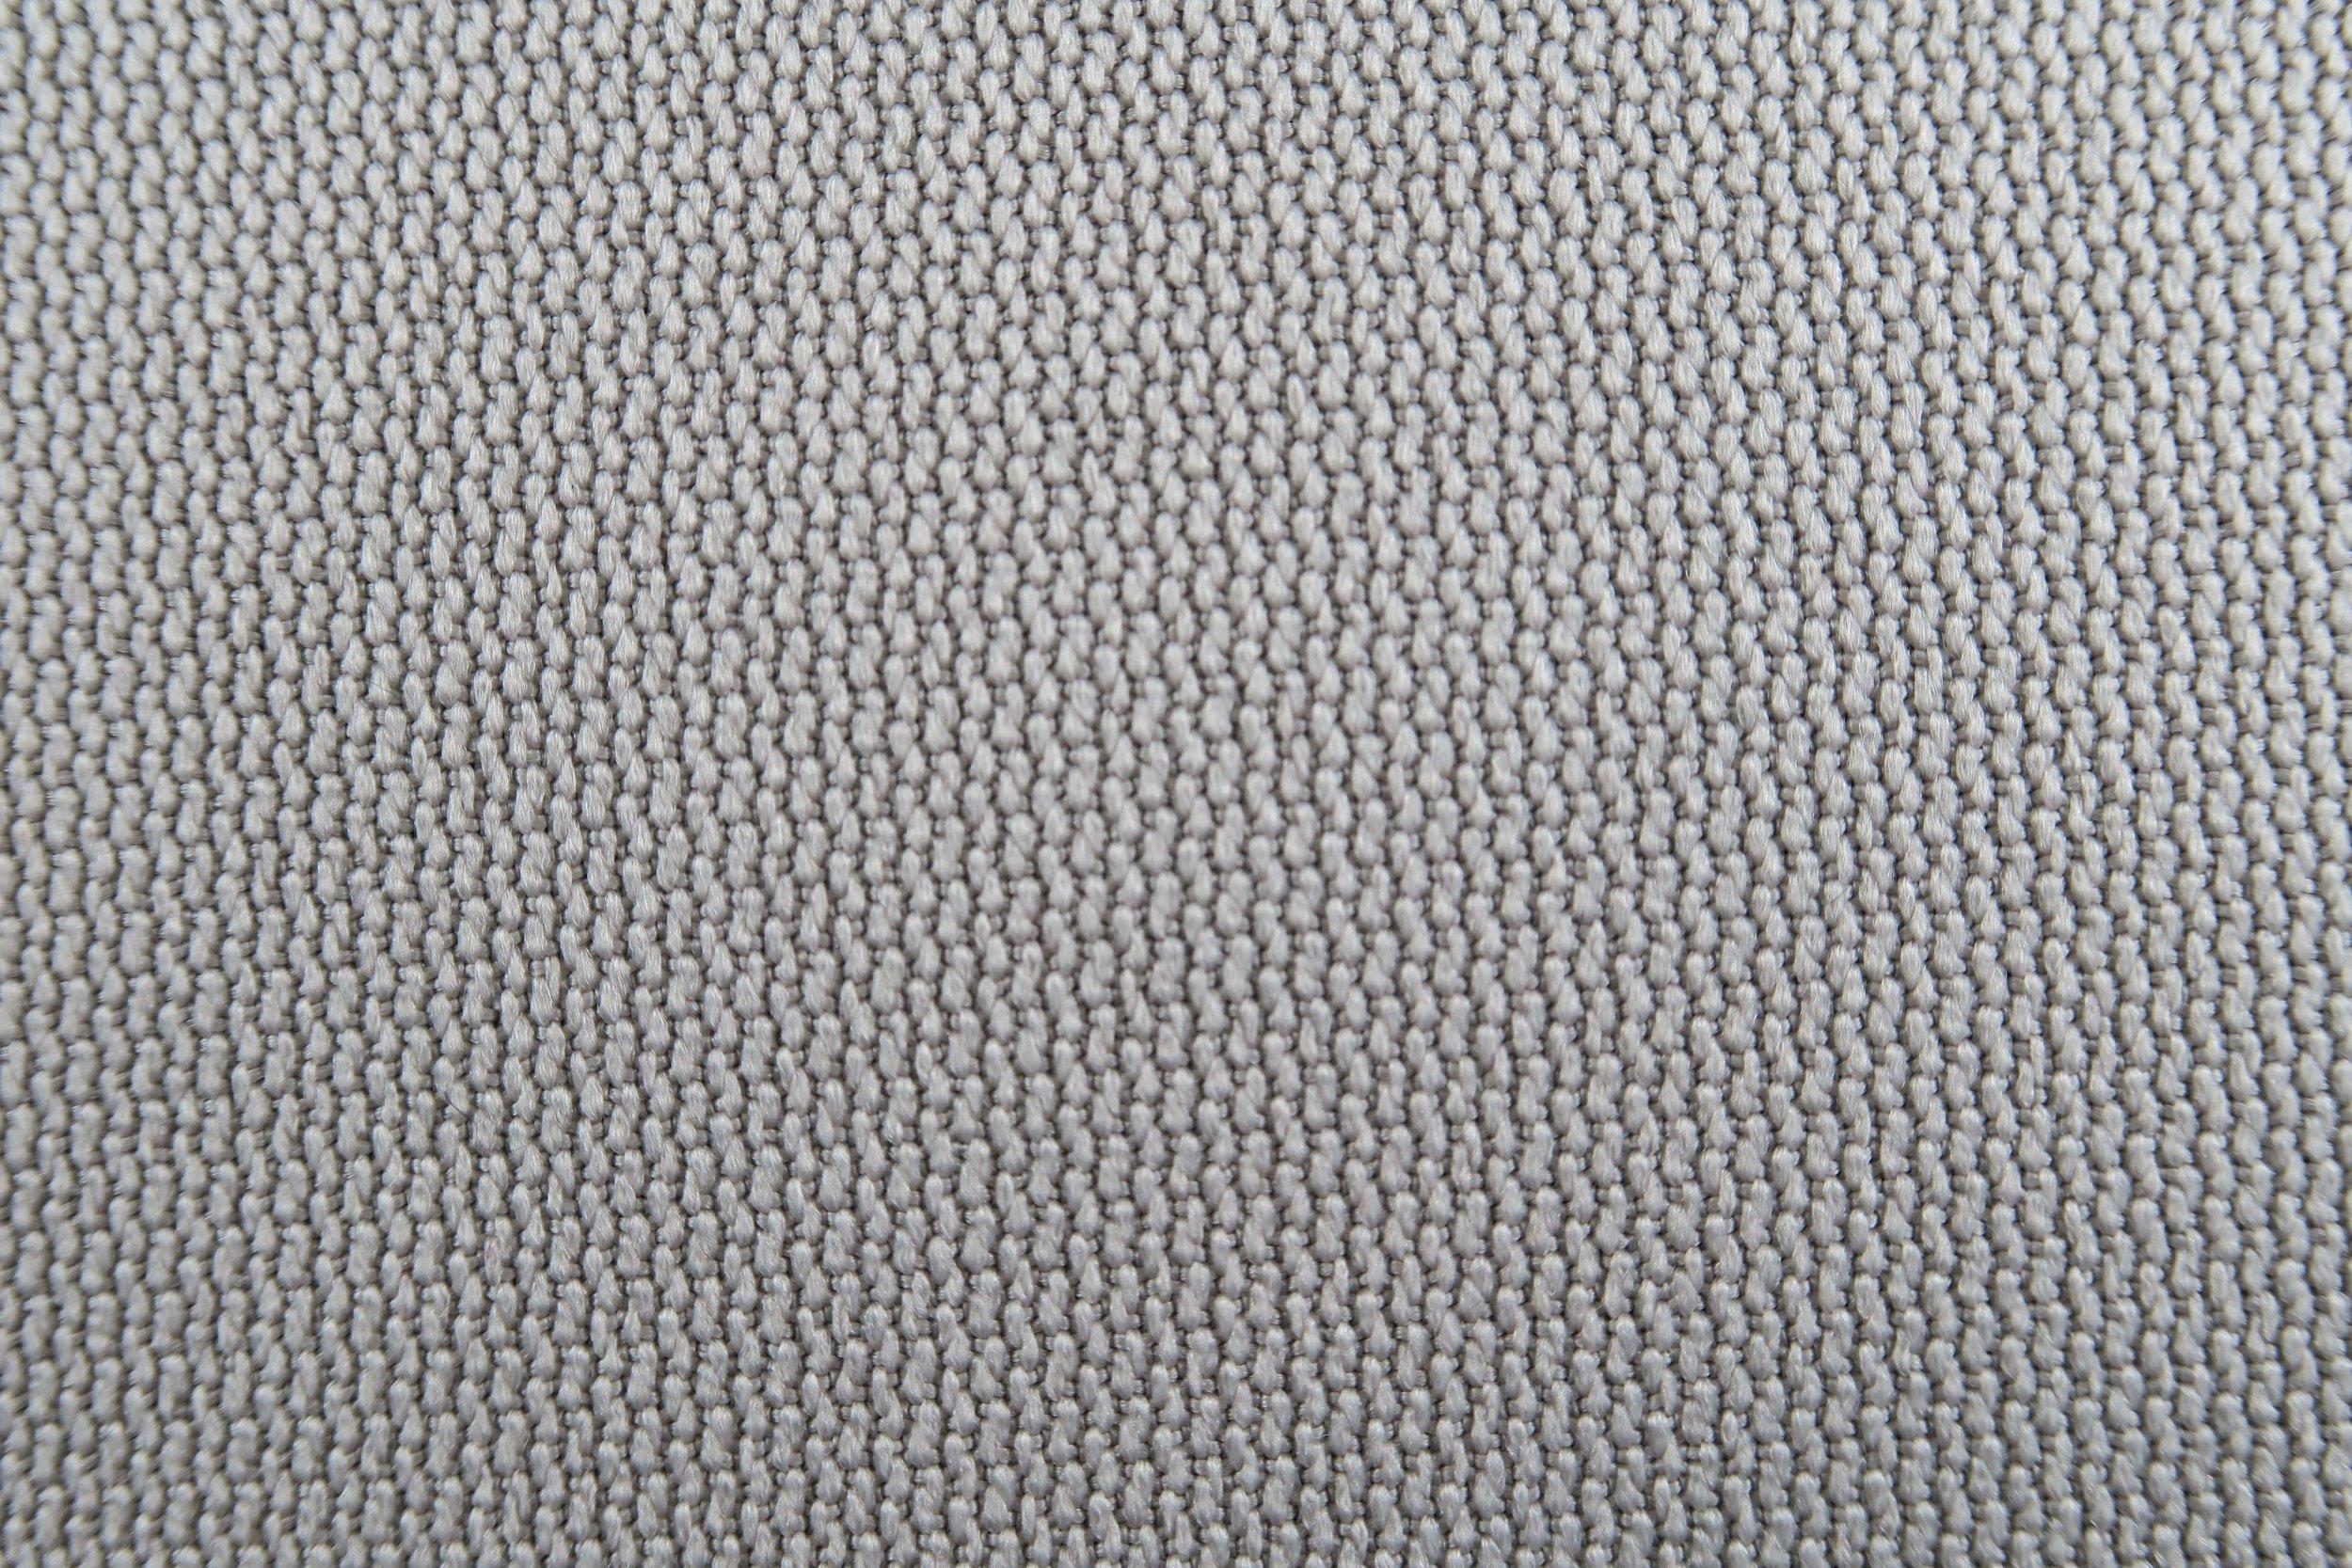 Foto macro tessuto grigio neutro